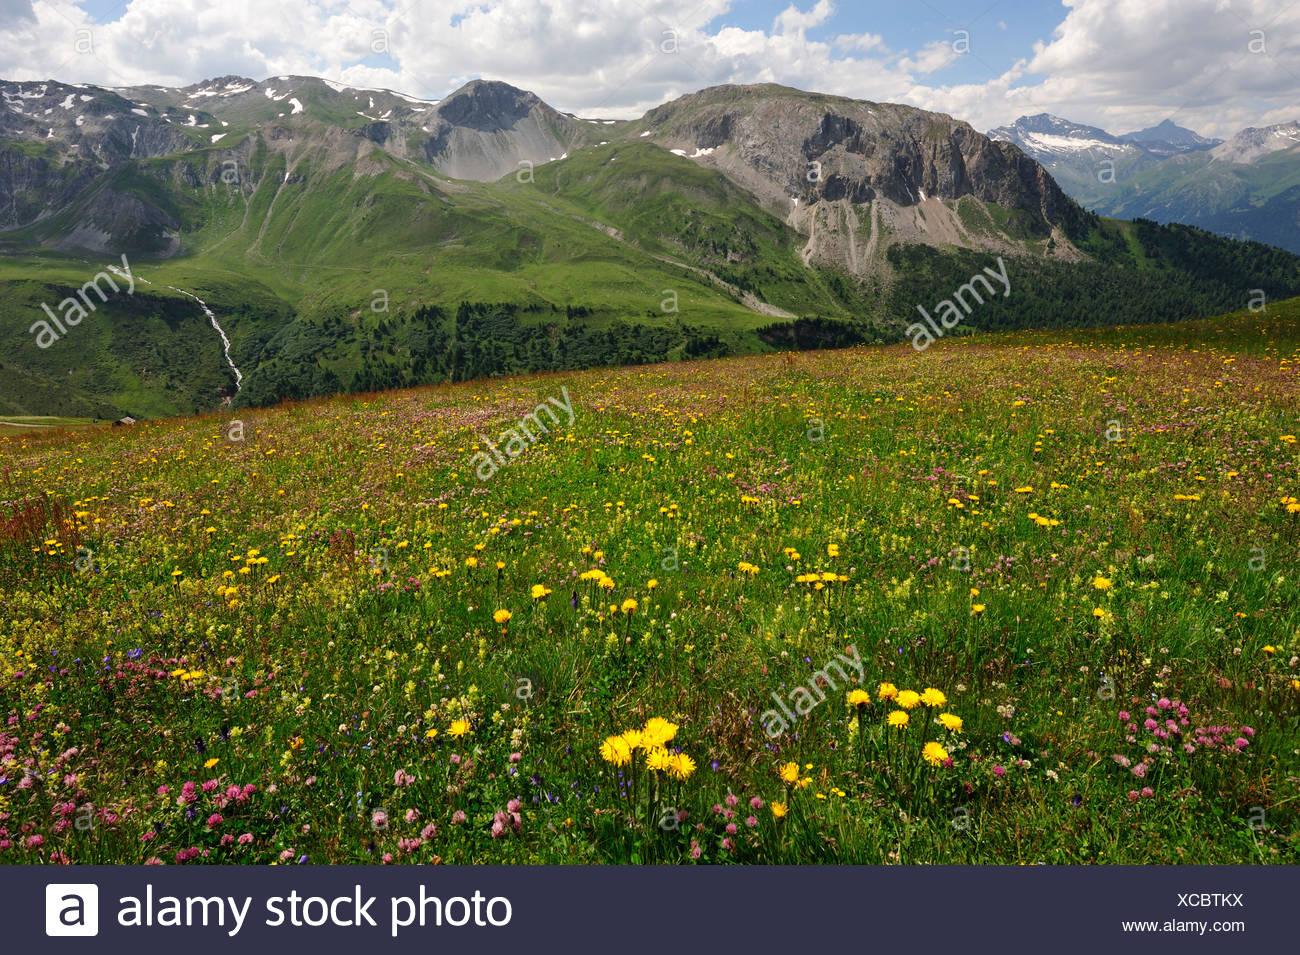 Almwiese Blume Muster Alpenblumen alpine Weide Blumen Blüten Pflanzen Alpenpflanzen Curtginatsch Berge Piz Stockbild